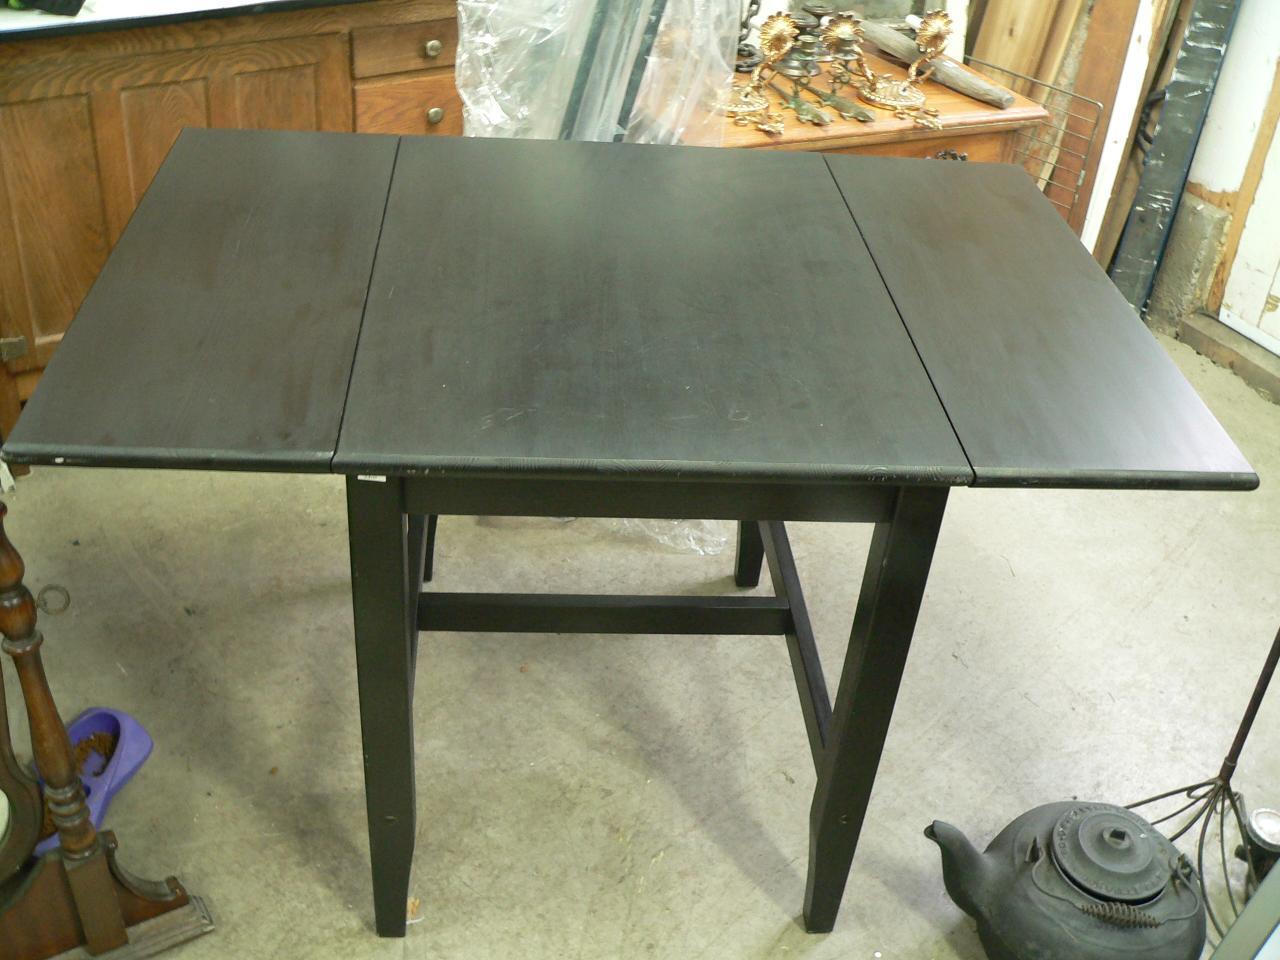 Petite table en pin a rabat #3310